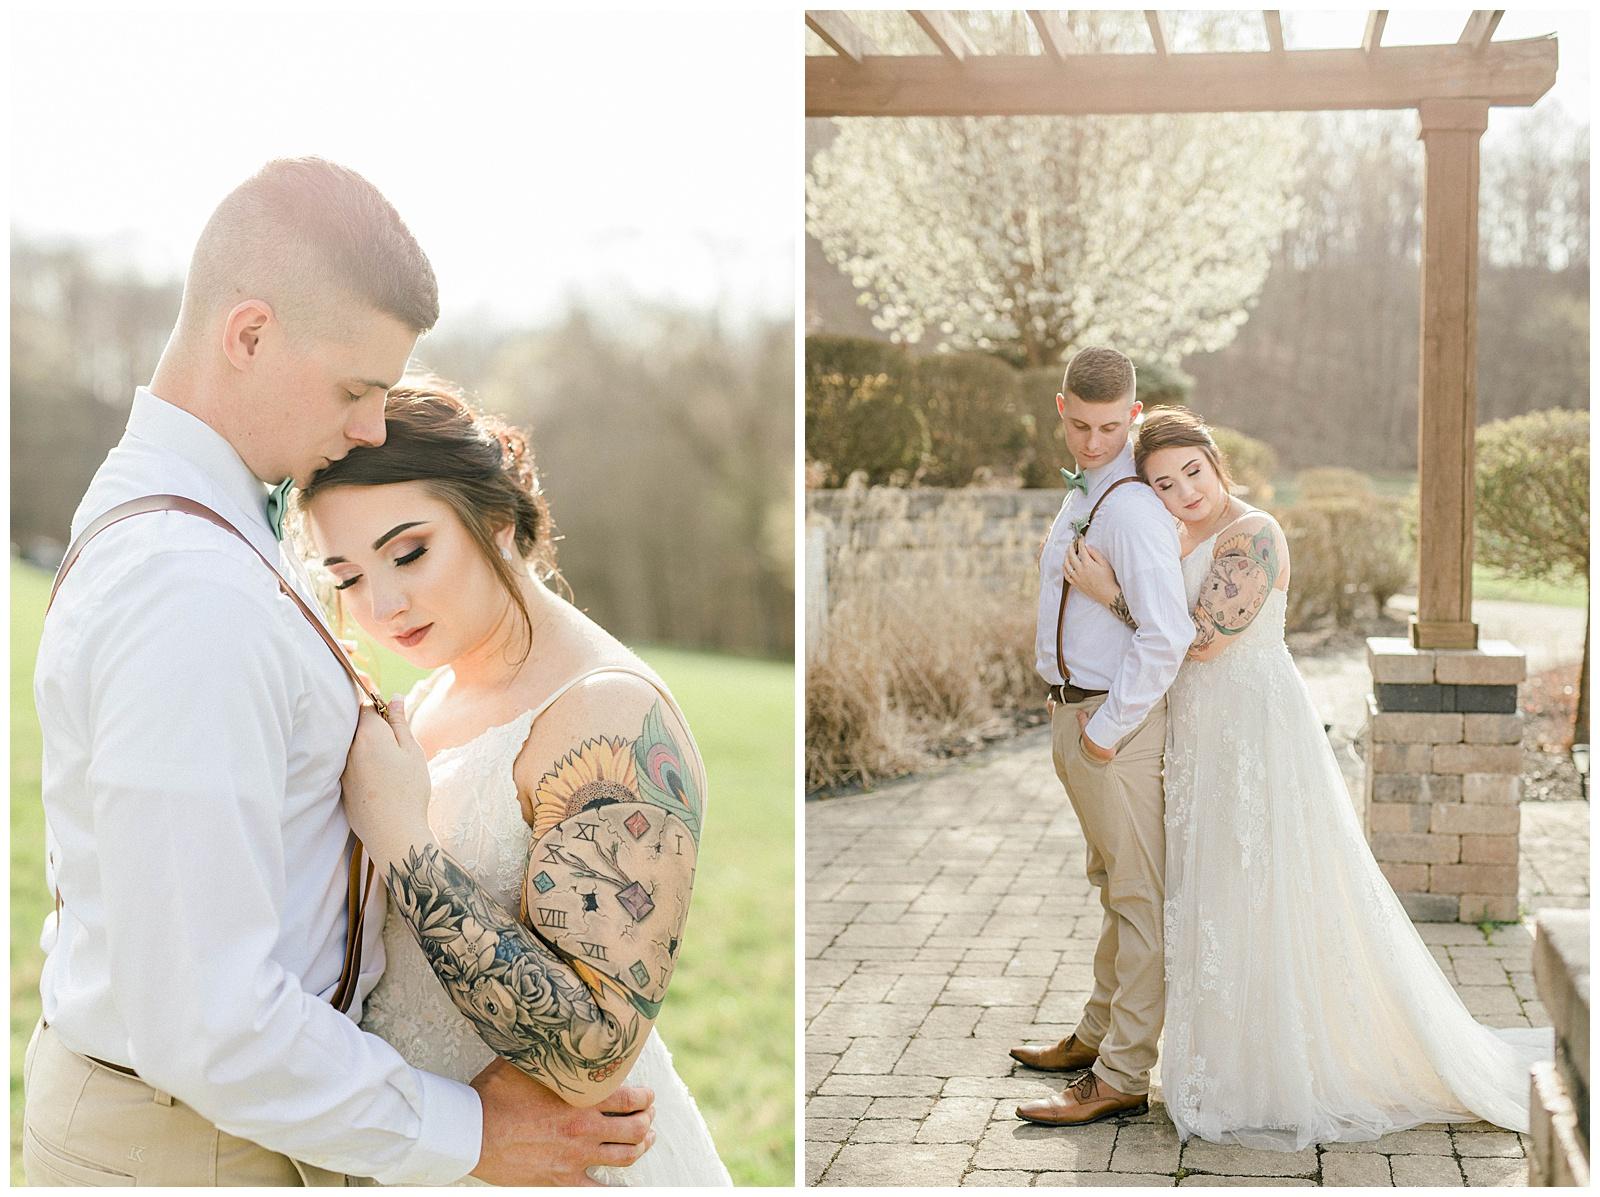 Lewis-Kara-Blakeman-Photography-Huntington-West-Virginia-Wedding-Barn-Olde-Homestead-39